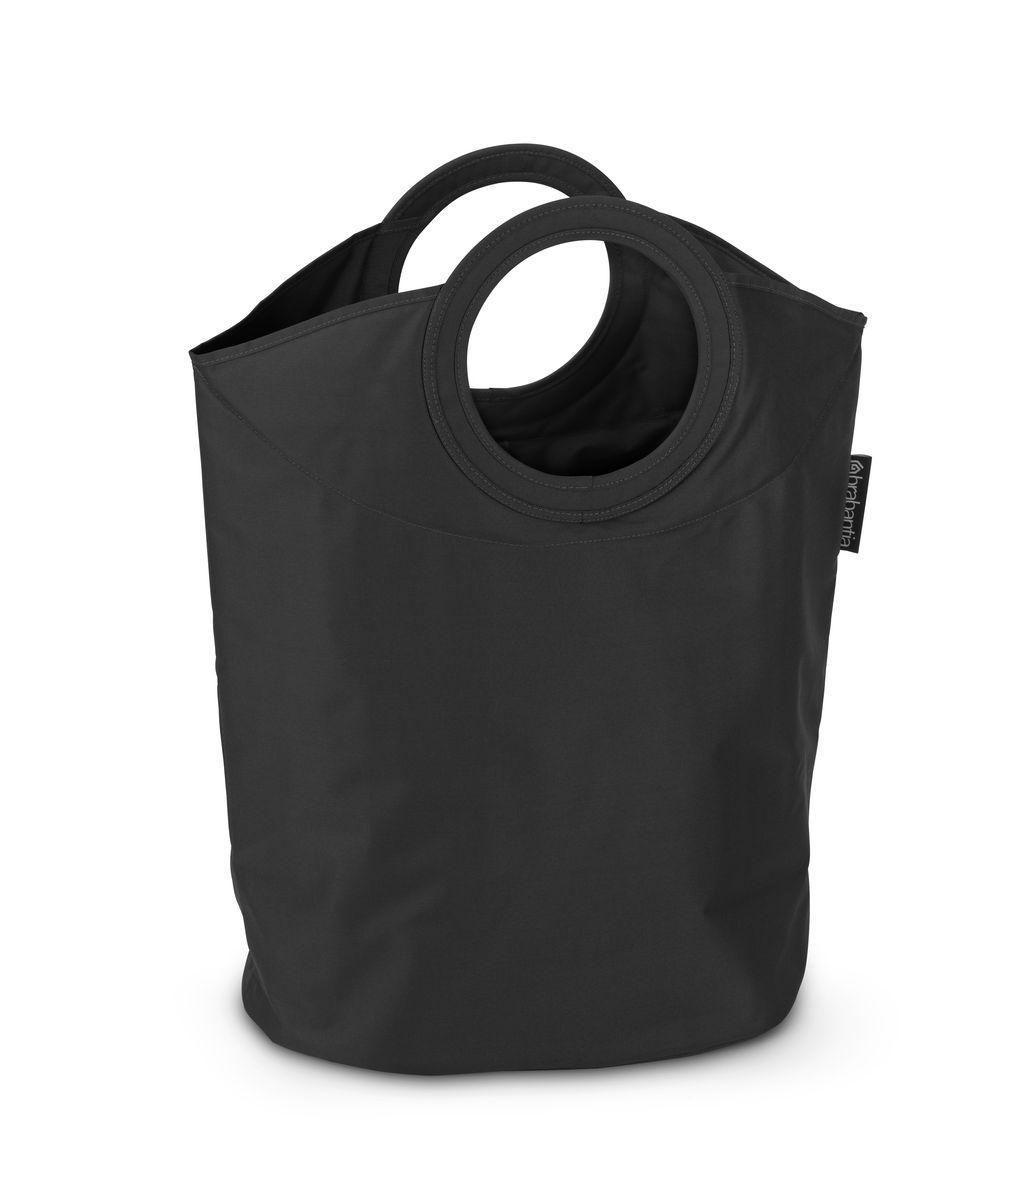 Сумка для белья Brabantia, цвет: черный, 50 л. 101601Z-0307Оригинальная сумка для белья Brabantia экономит место и превращает вашу стирку в увлекательное занятие. С помощью складывающихся магнитных ручек сумка закрывается и превращается в корзину для белья с загрузочным отверстием. Собрались стирать? Поднимите ручки, и ваша сумка готова к использованию. Особенности: Загрузочное отверстие для быстрой загрузки белья - просто сложите магнитные ручки; Большие удобные ручки для переноски; Удобно загружать белье в стиральную машину - большая вместимость и широкое отверстие; 2 года гарантии Brabantia; Объем 50 л.